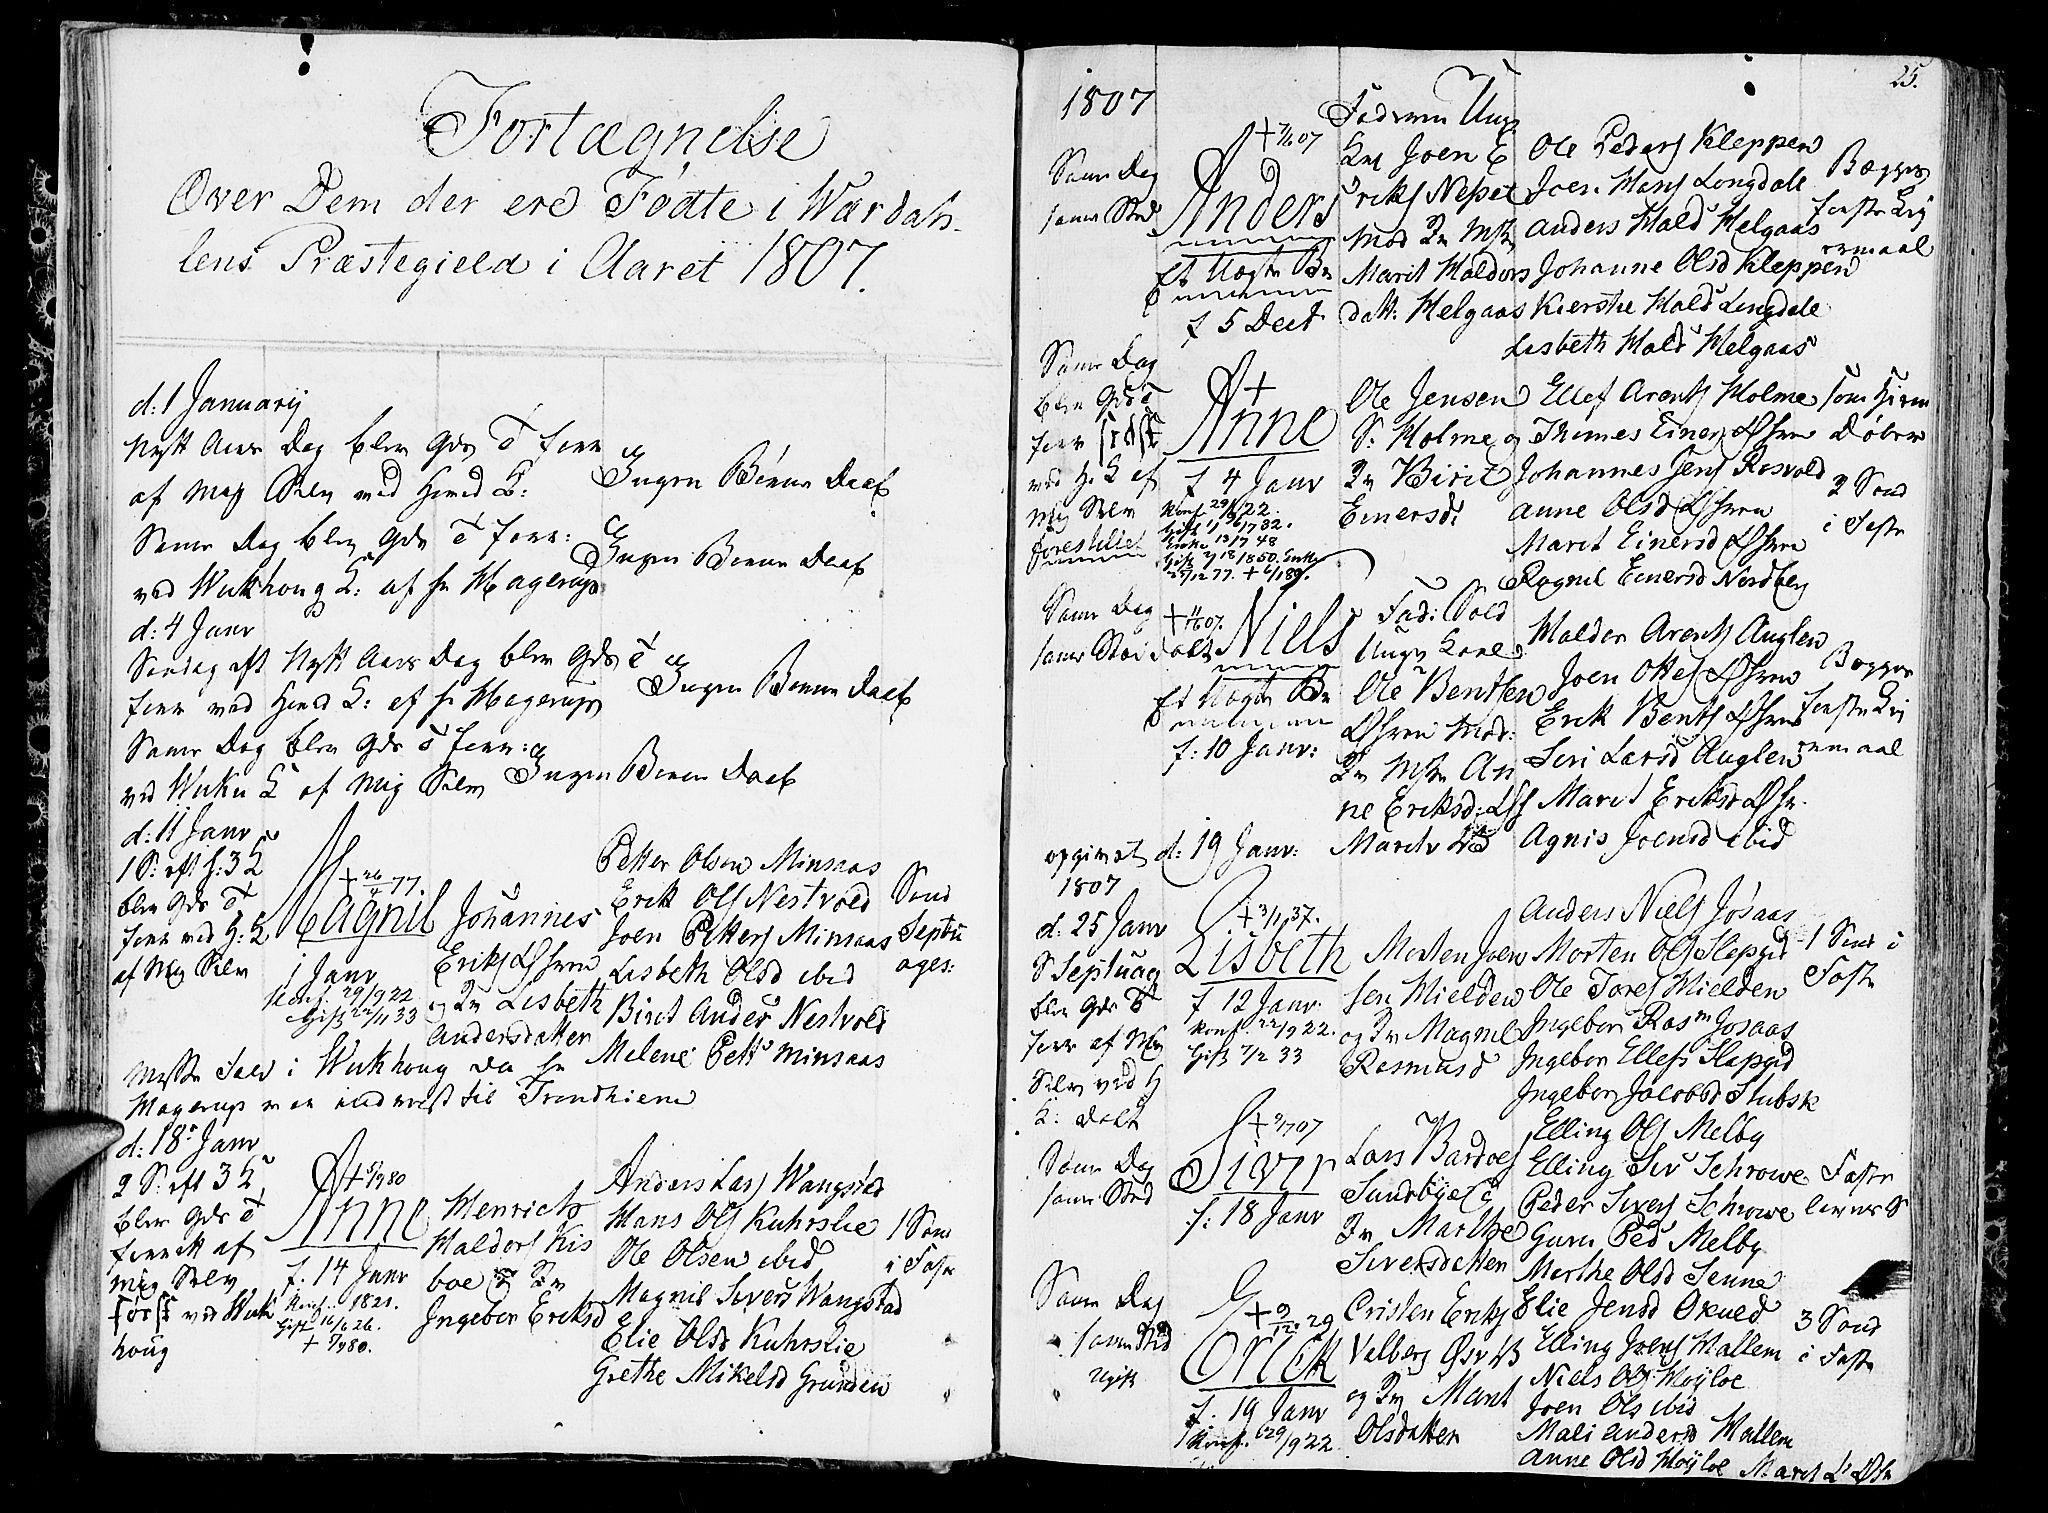 SAT, Ministerialprotokoller, klokkerbøker og fødselsregistre - Nord-Trøndelag, 723/L0233: Ministerialbok nr. 723A04, 1805-1816, s. 25